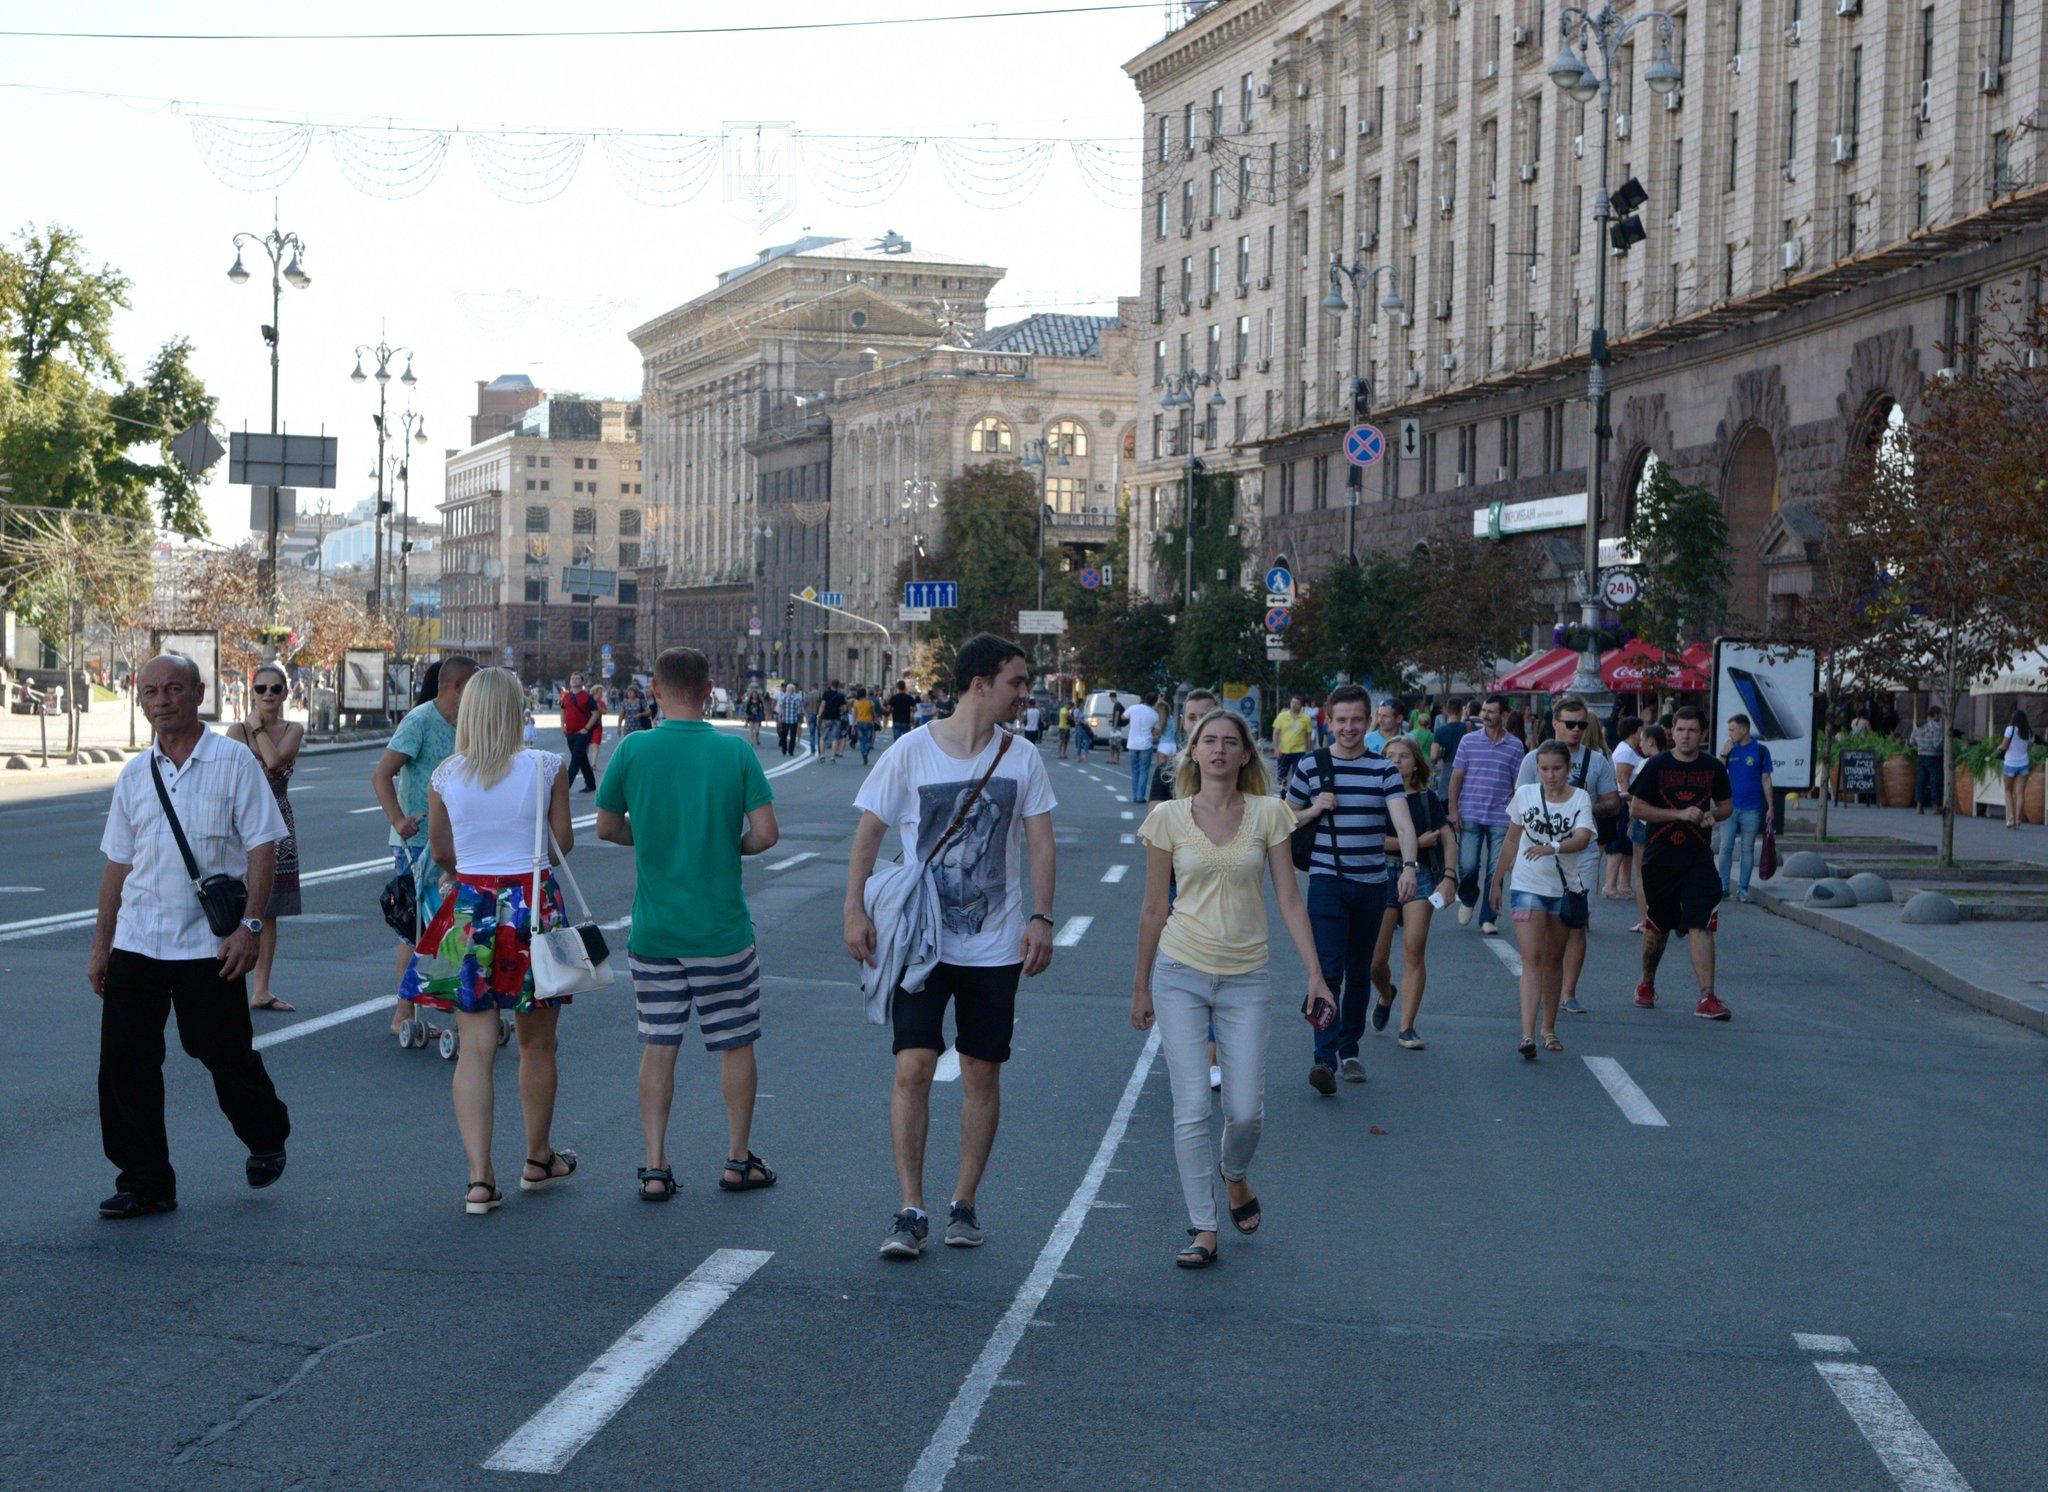 gey-parad-moskva-2017